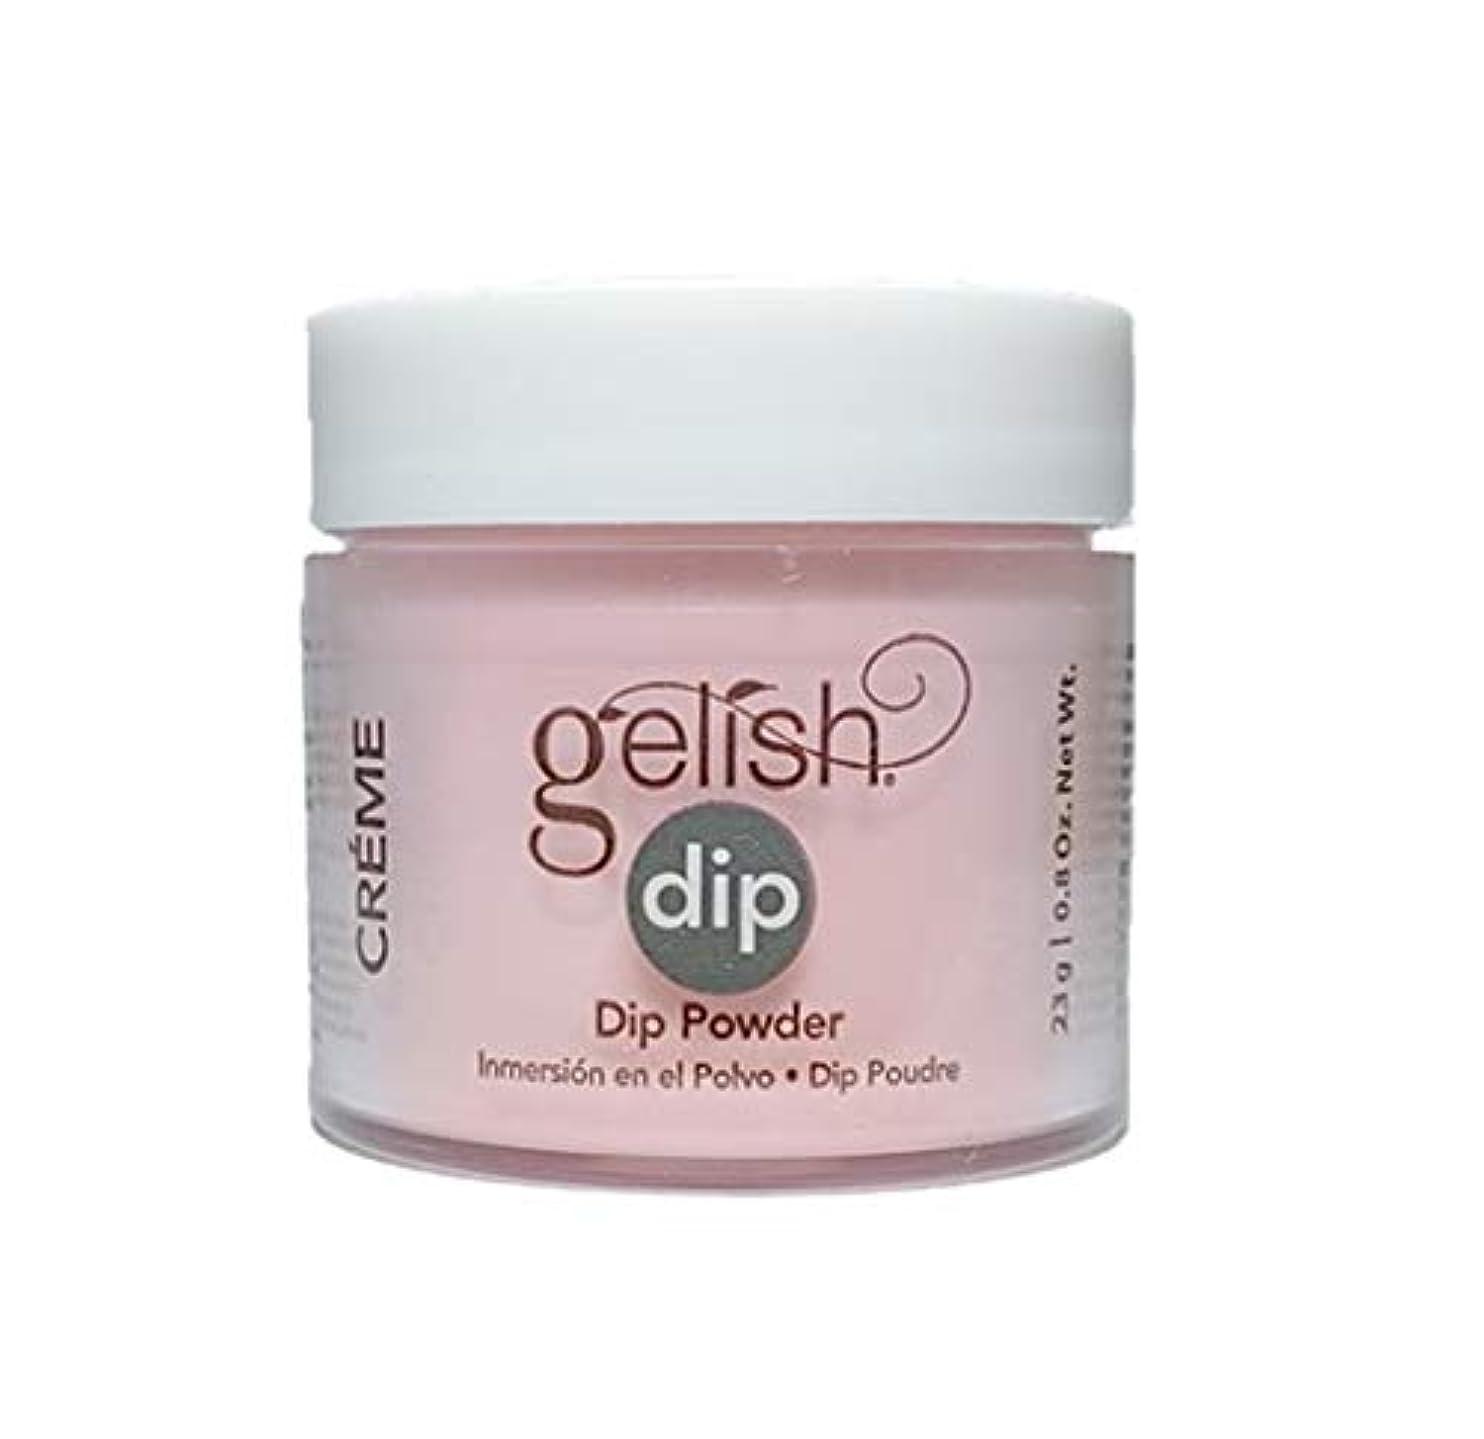 レシピイソギンチャク区別するHarmony Gelish - Dip Powder - Beauty Marks The Spot - 23g / 0.8oz